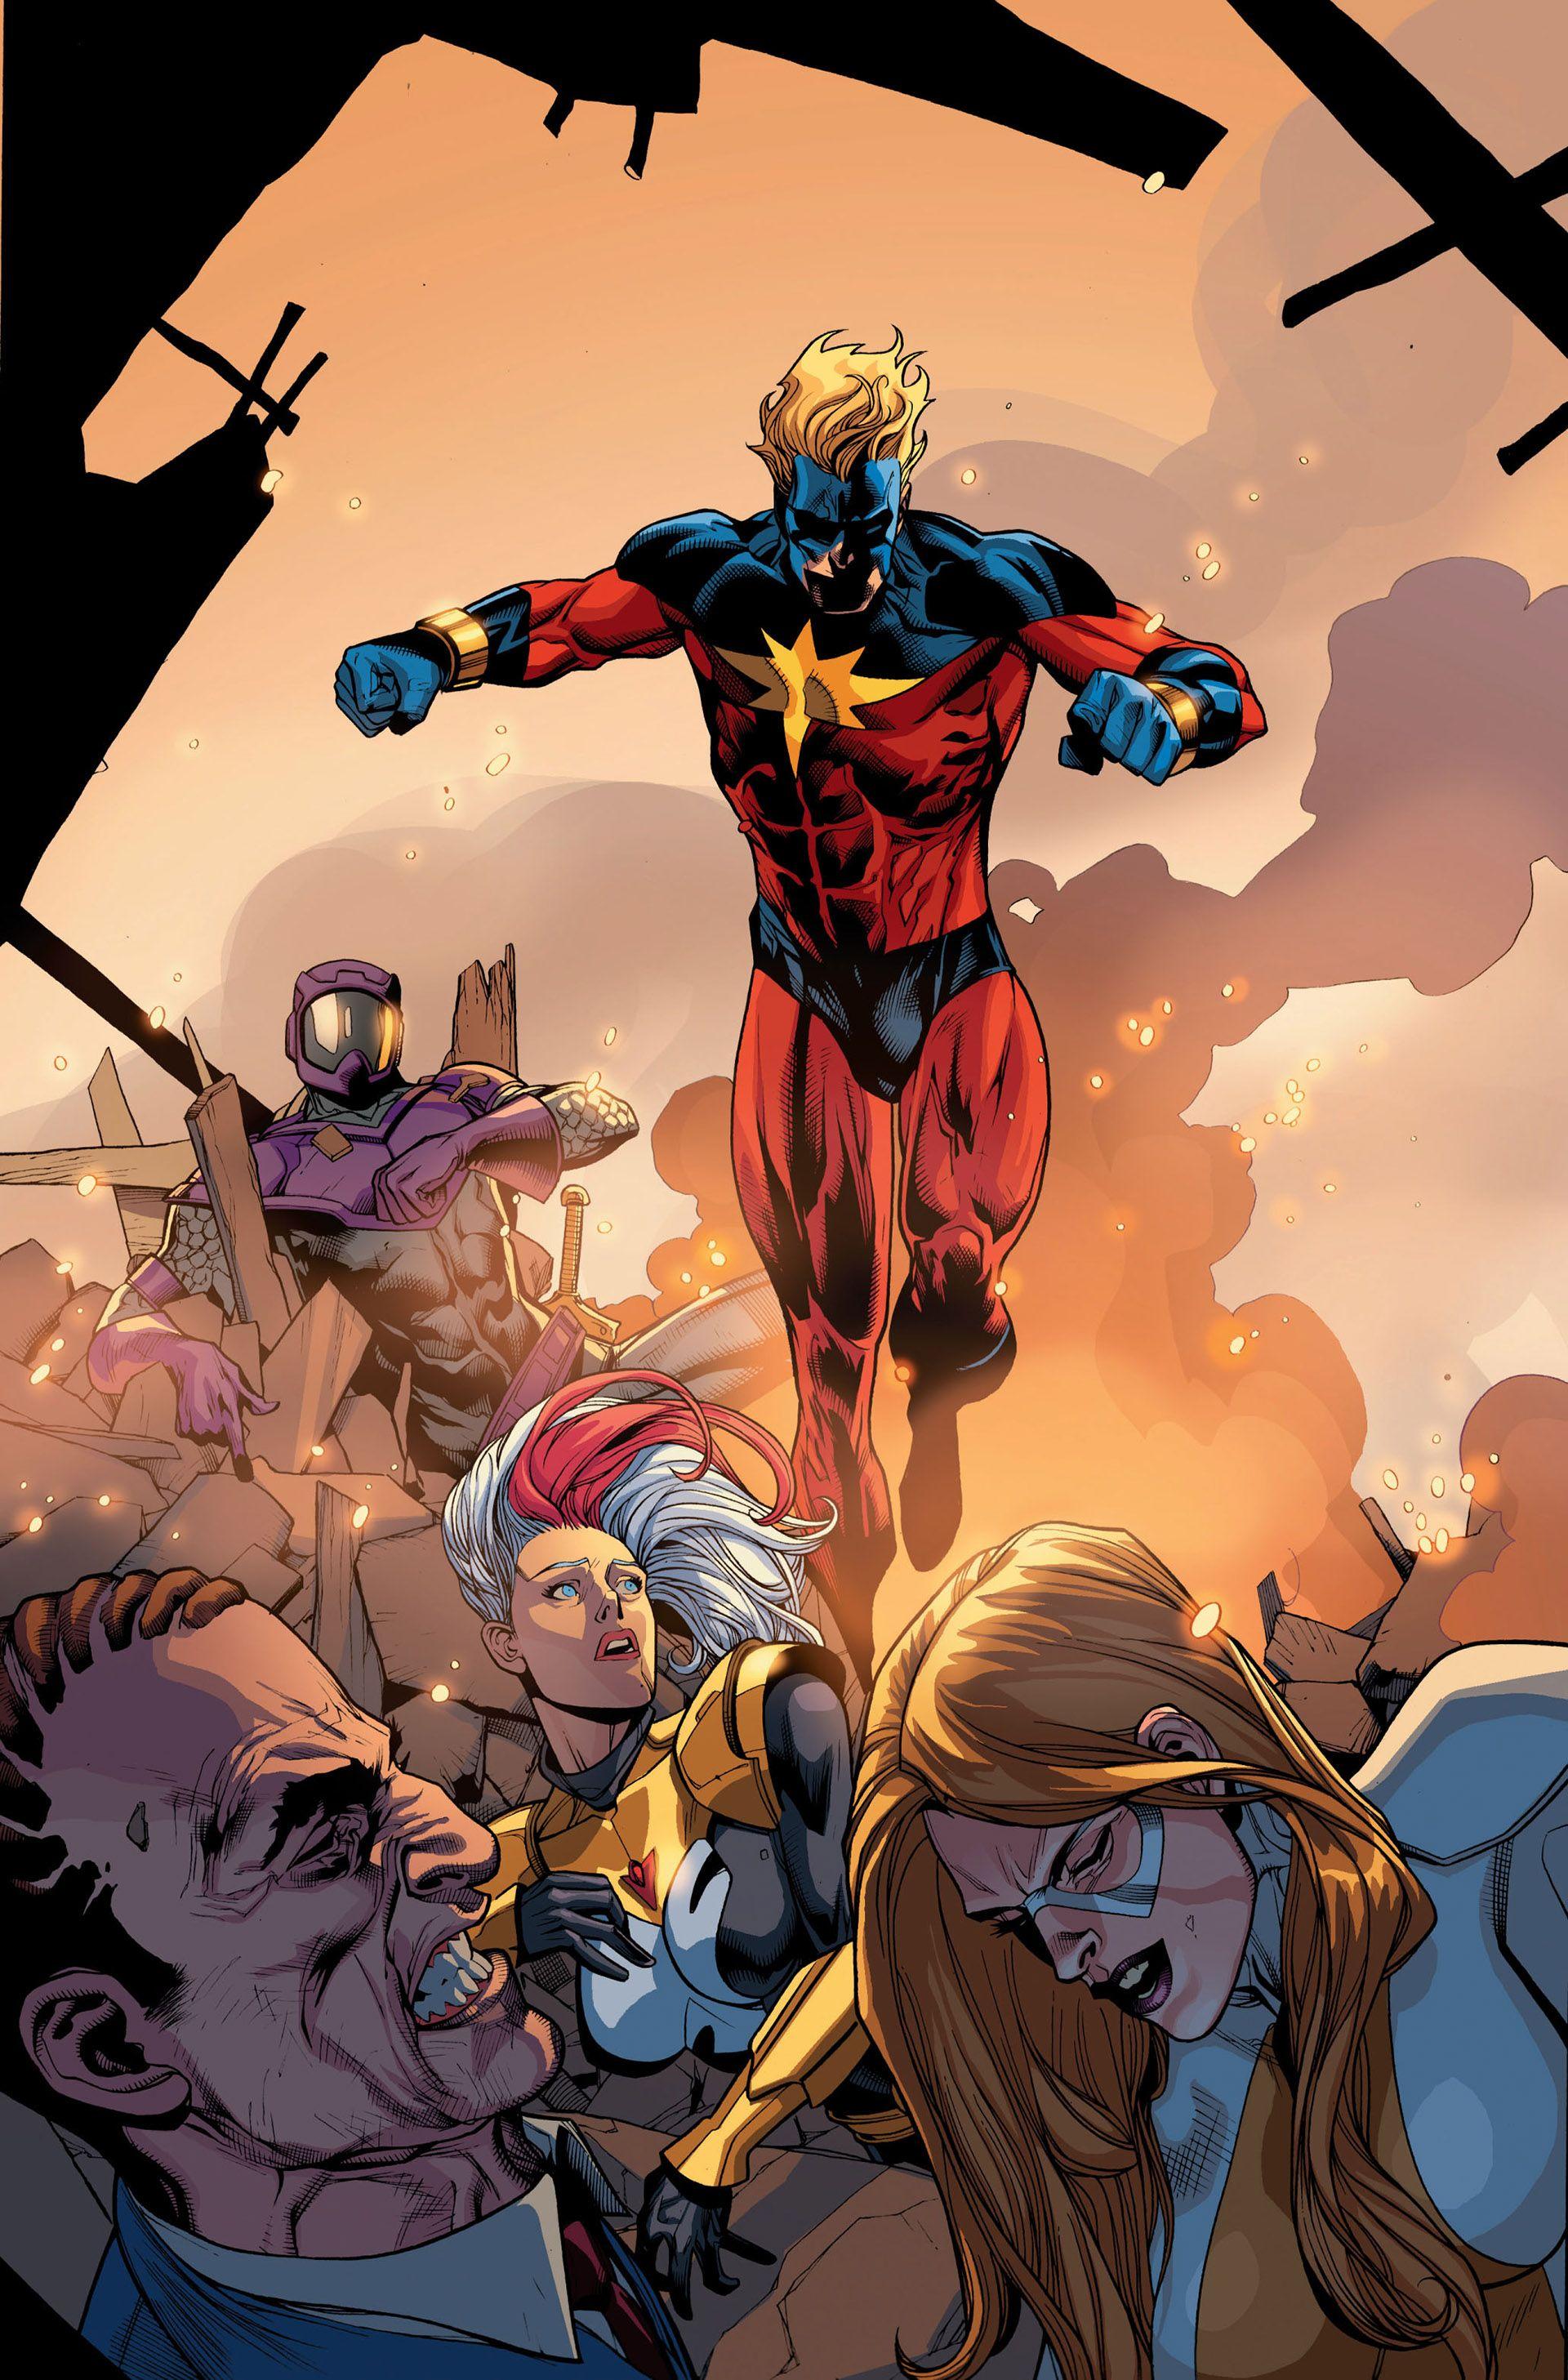 Captain Marvel (Skrull Agent) vs Thunderbolts by Jim Cheung,,,,,,!!!!>>